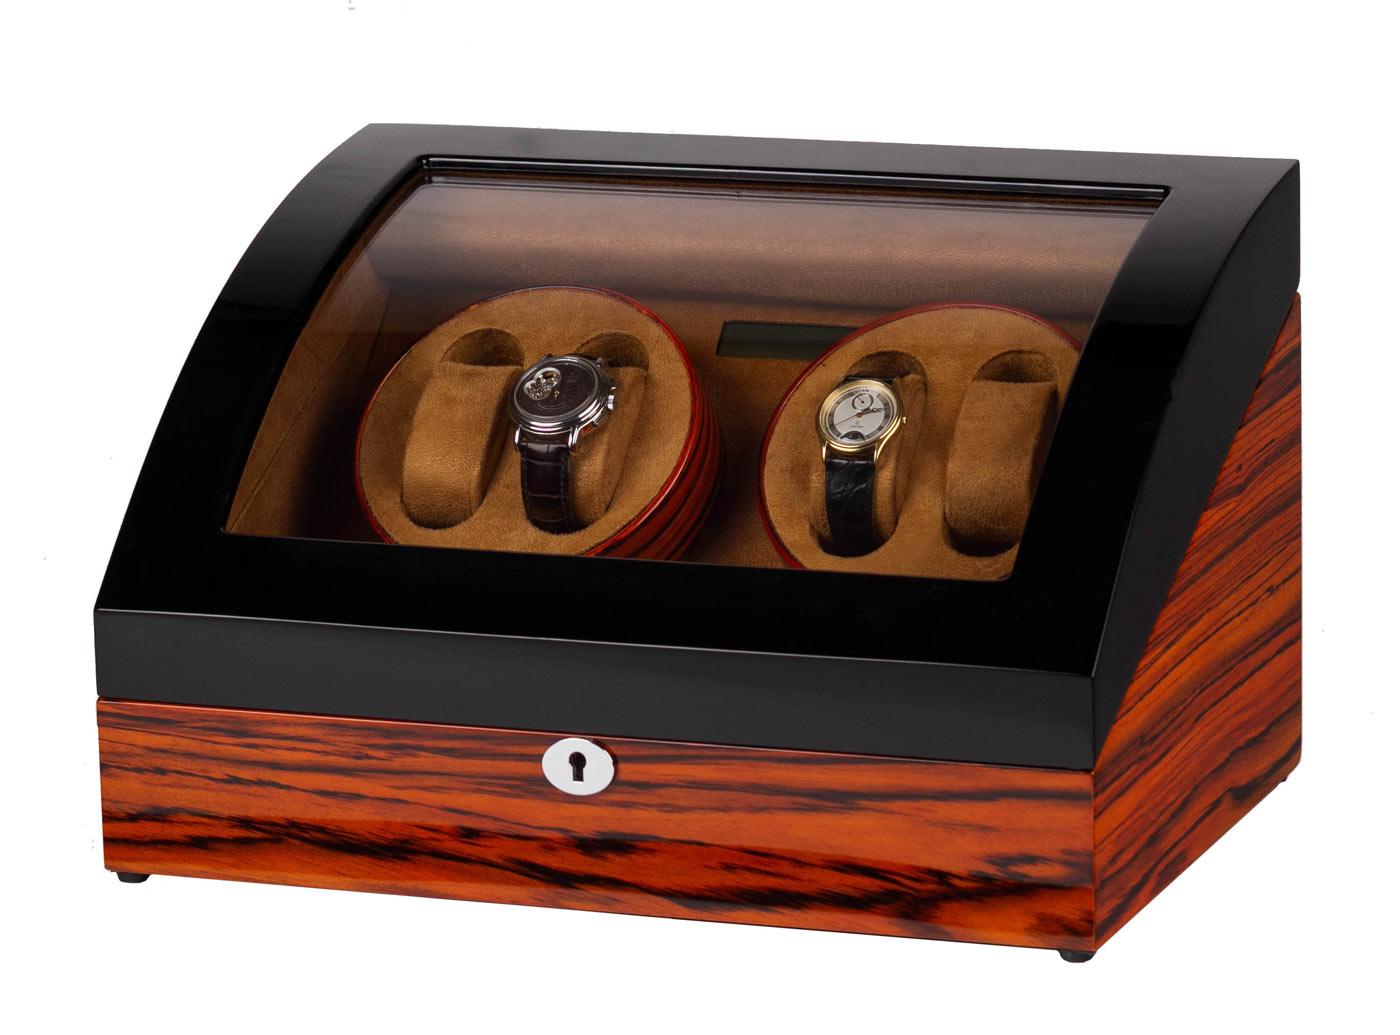 SmartWinder 8078-BZK Шкатулка для подзавода 4-х механических часов изготовлена из натурального дерева.